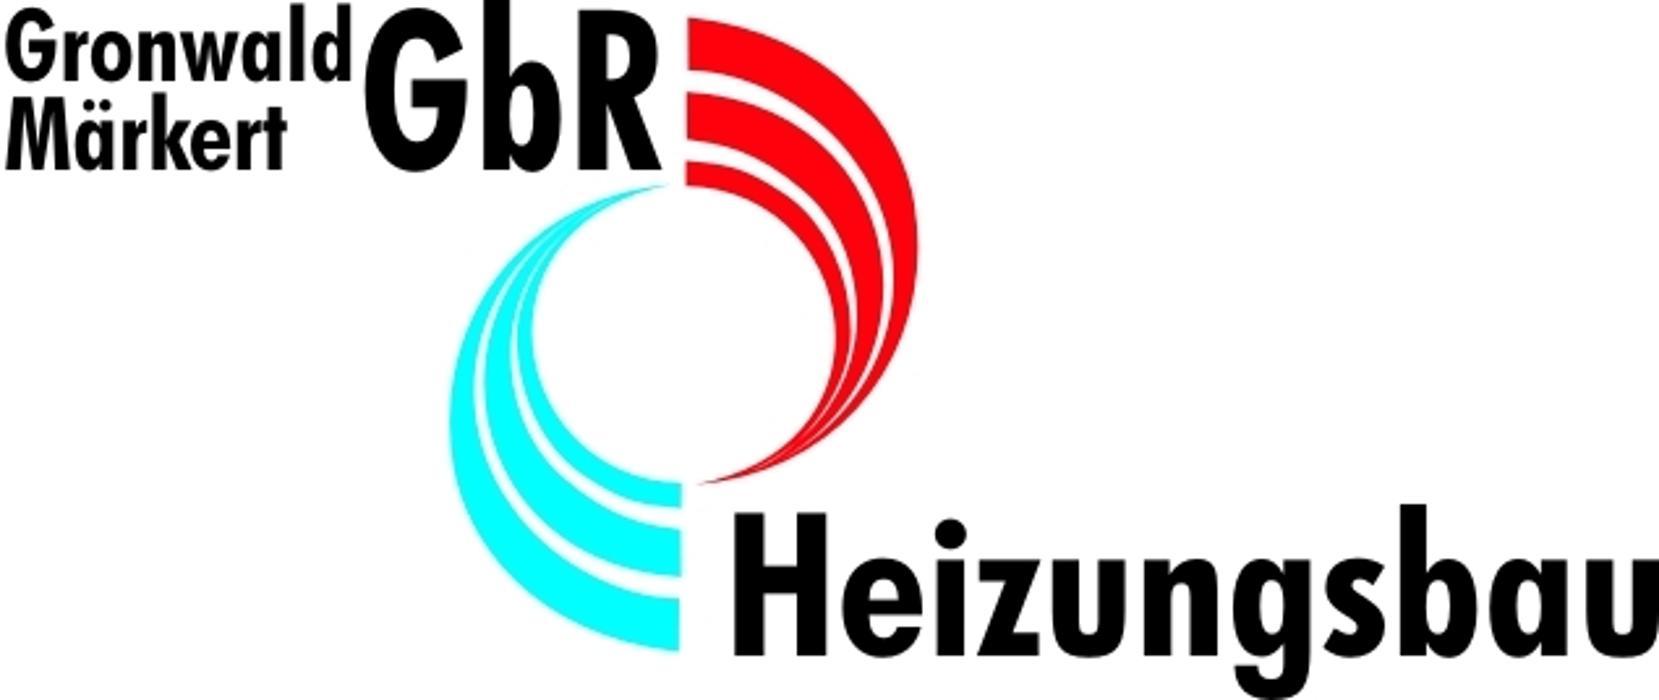 Bild zu Gronwald & Märkert Heizungsbau GbR in Altlandsberg